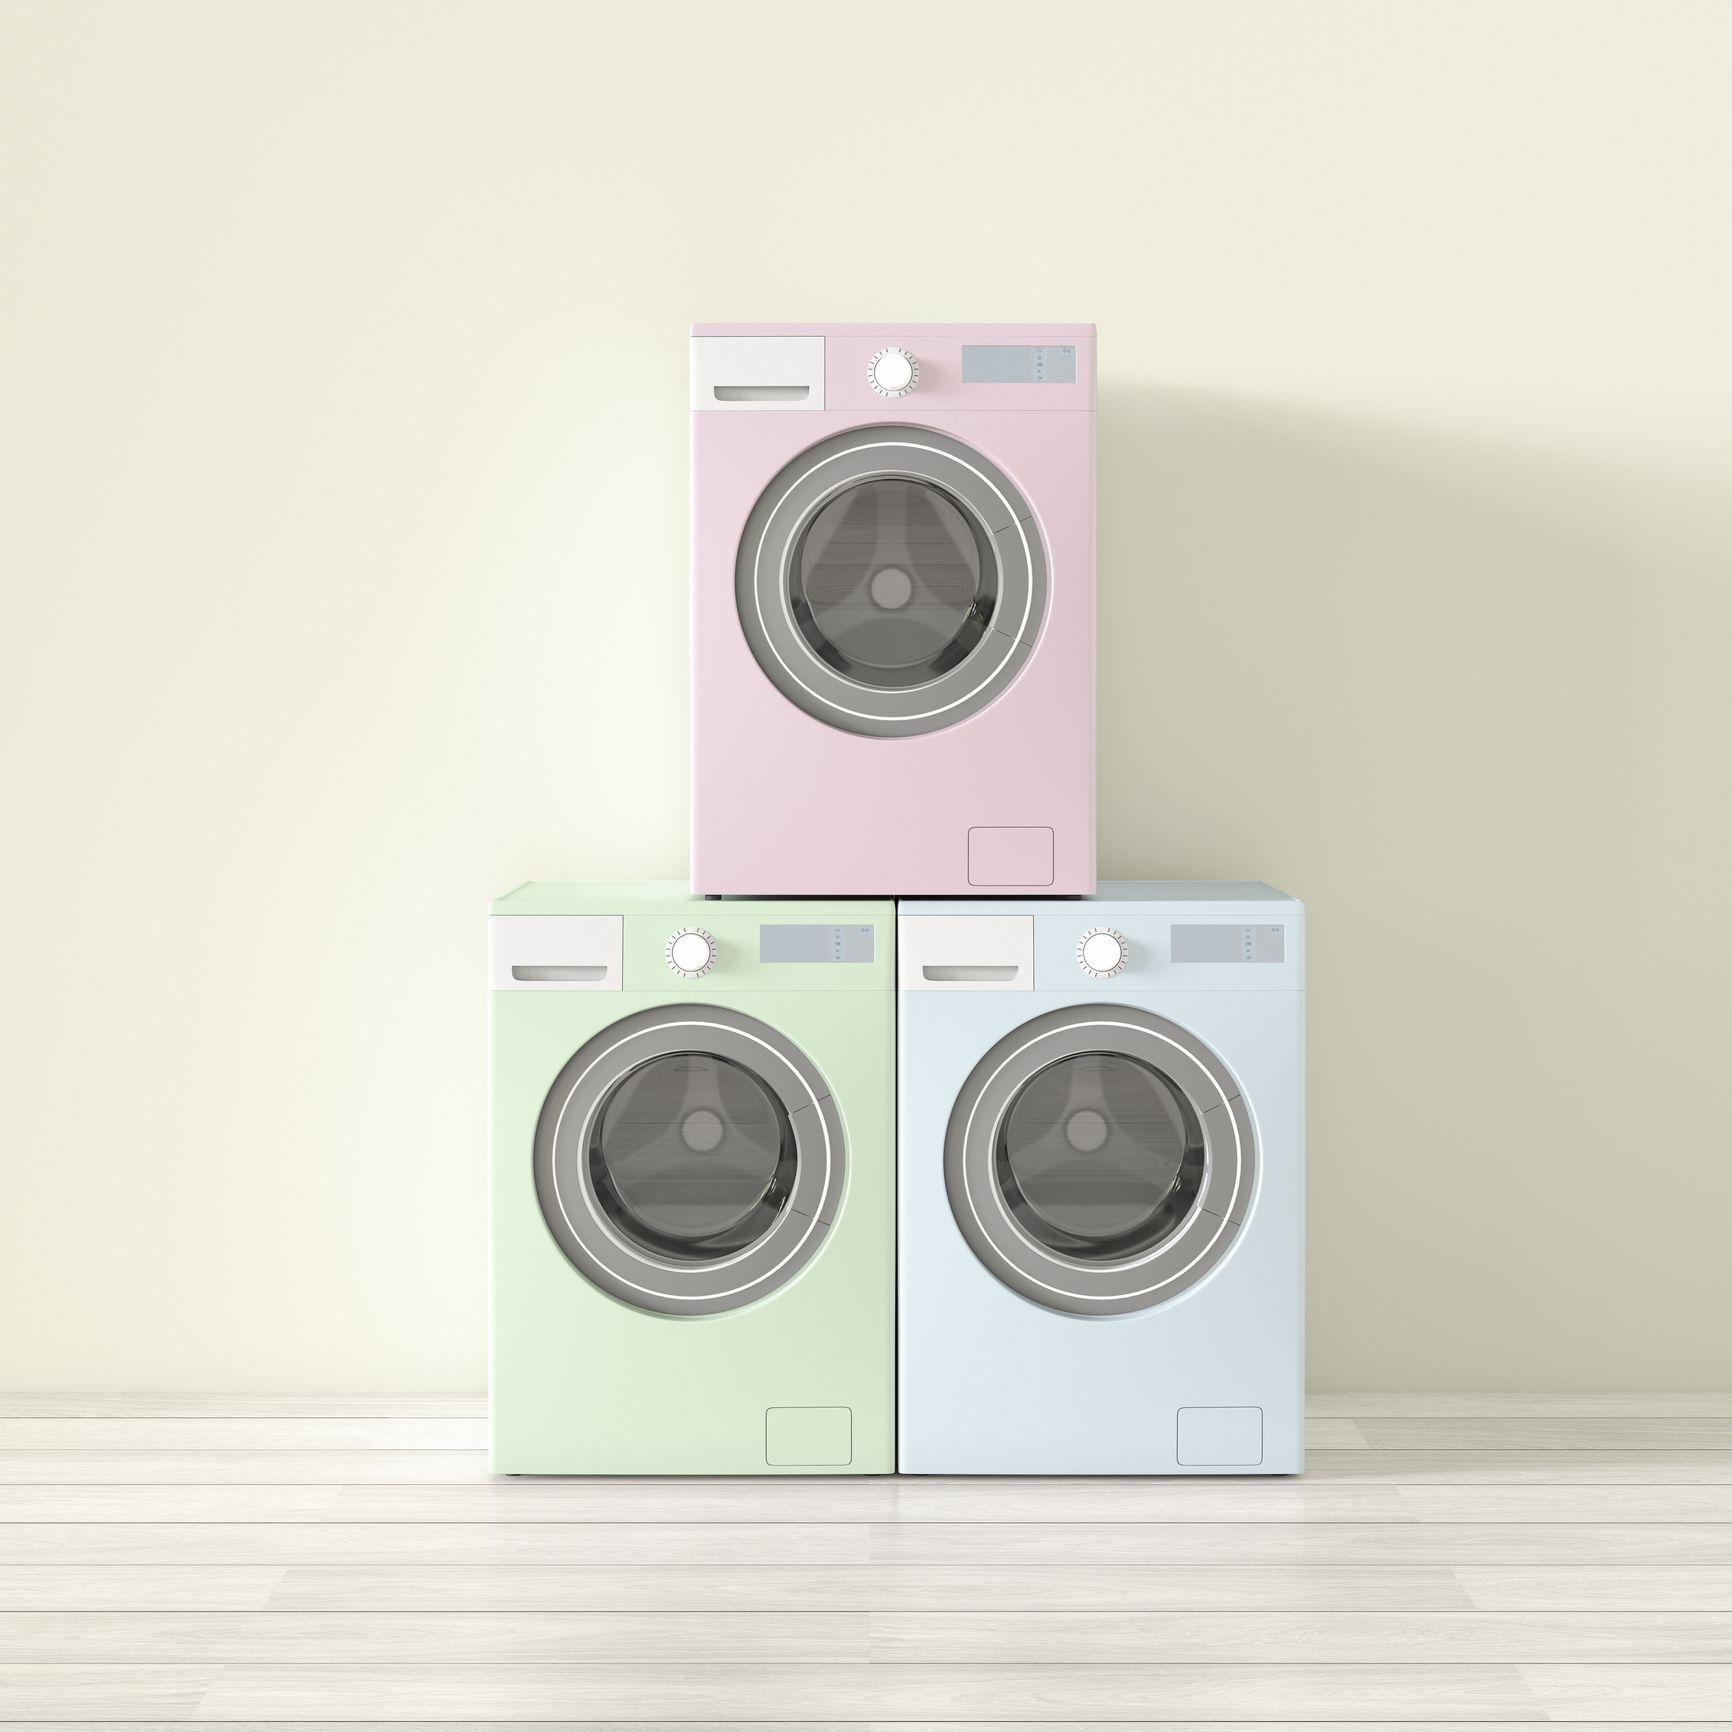 превъзхожда ли ви пералнята